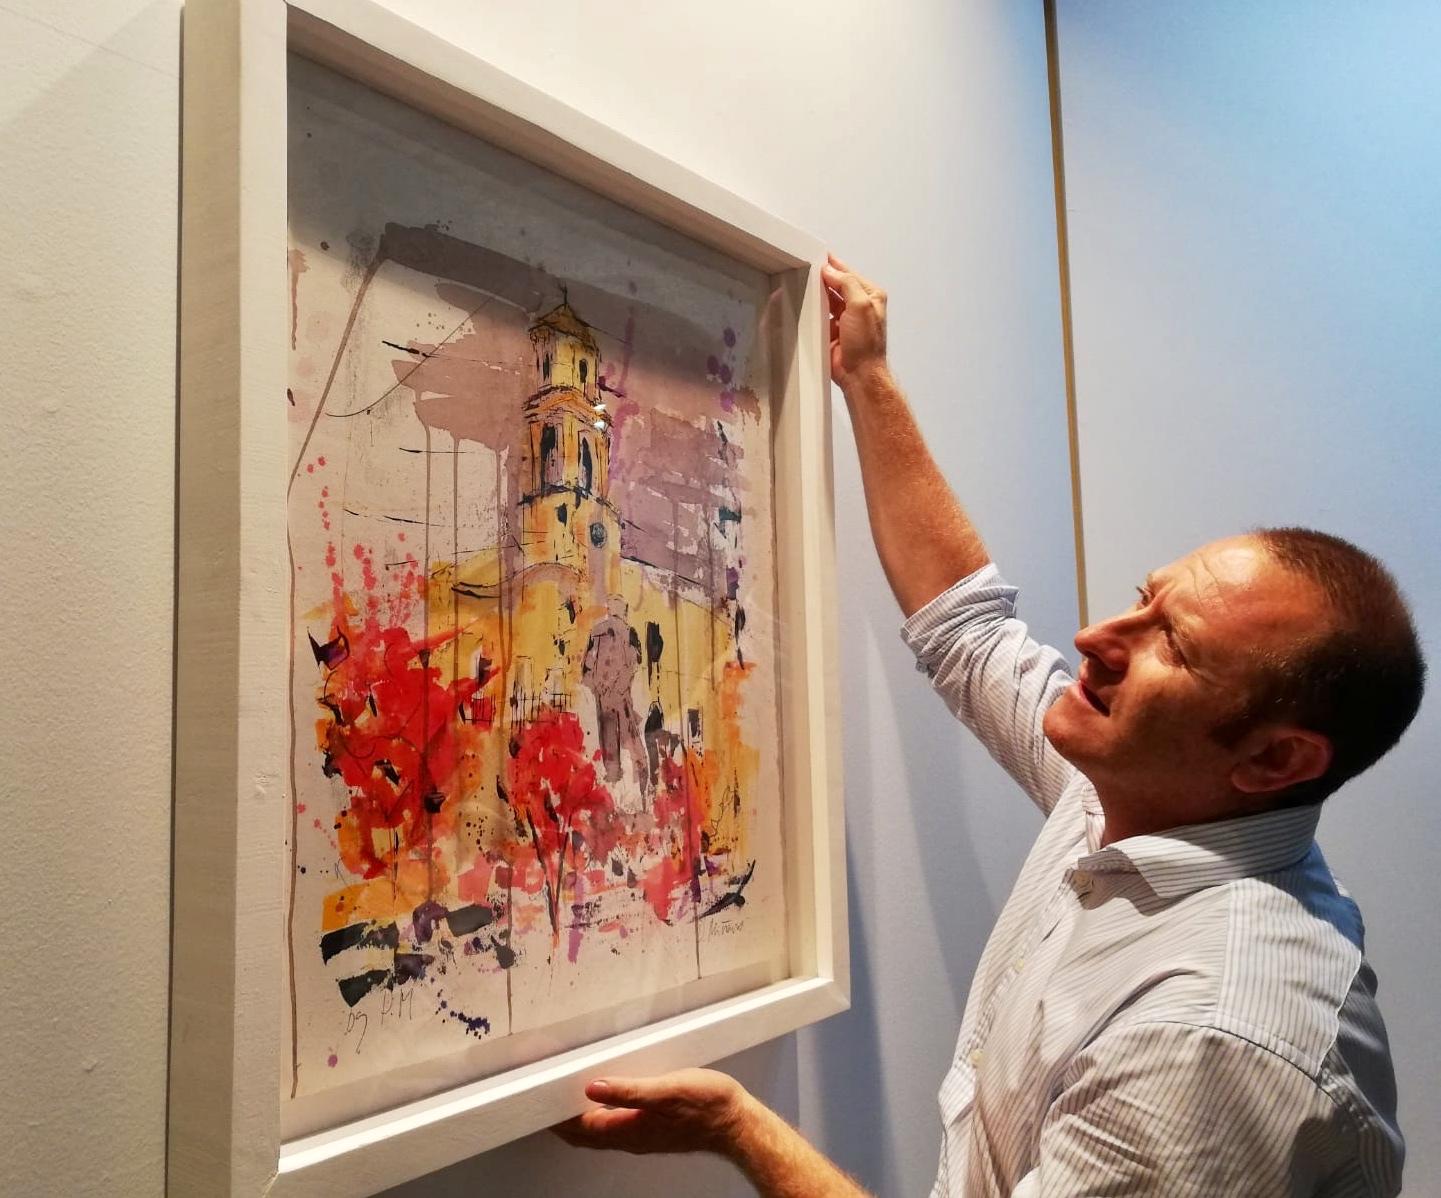 Exposición en el Huerto Ruano del artista lorquino, Pedro Miñarro, con sabor a vino